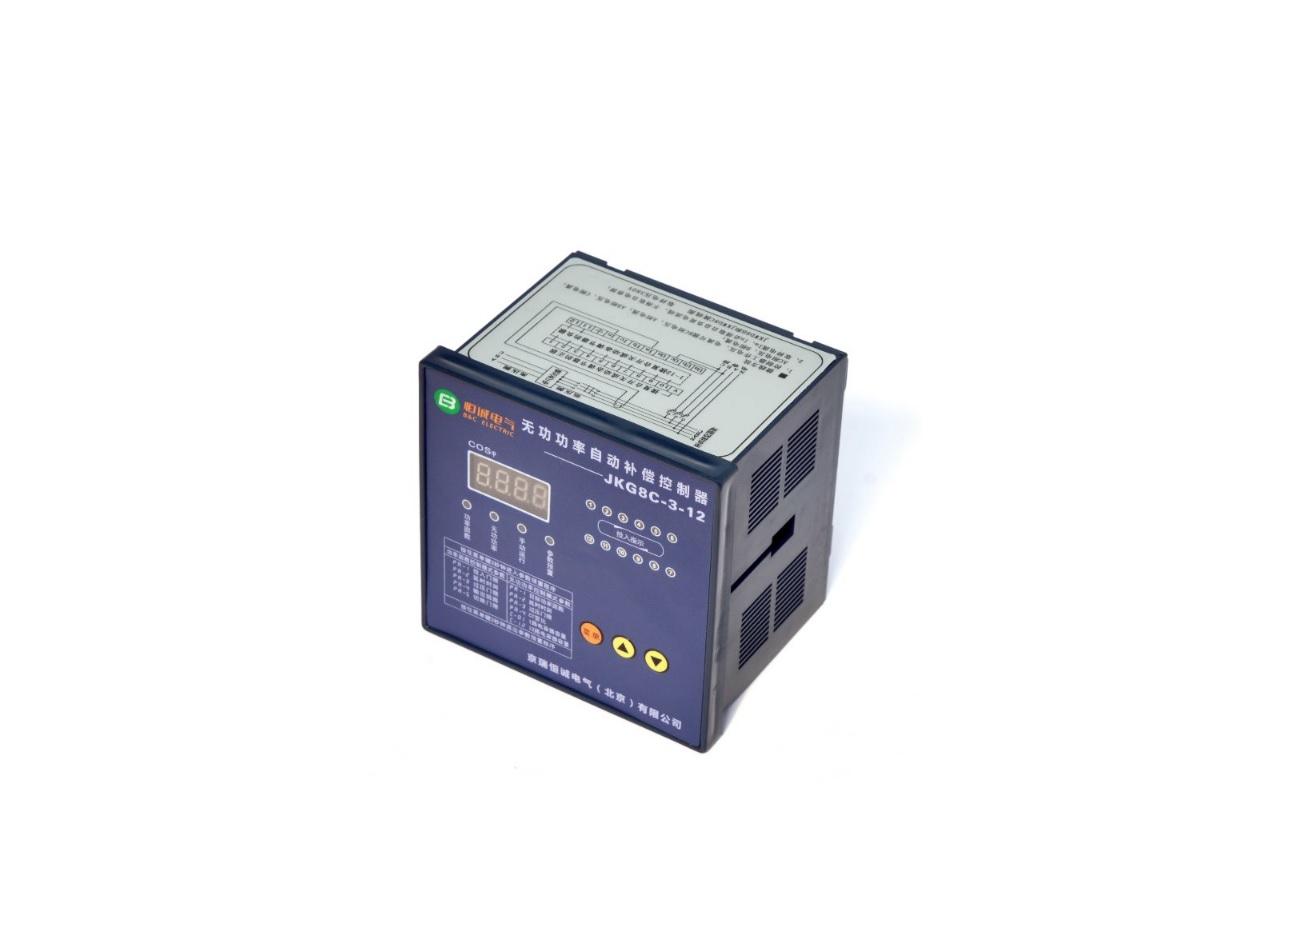 無功率自動補償控制器JKG8C